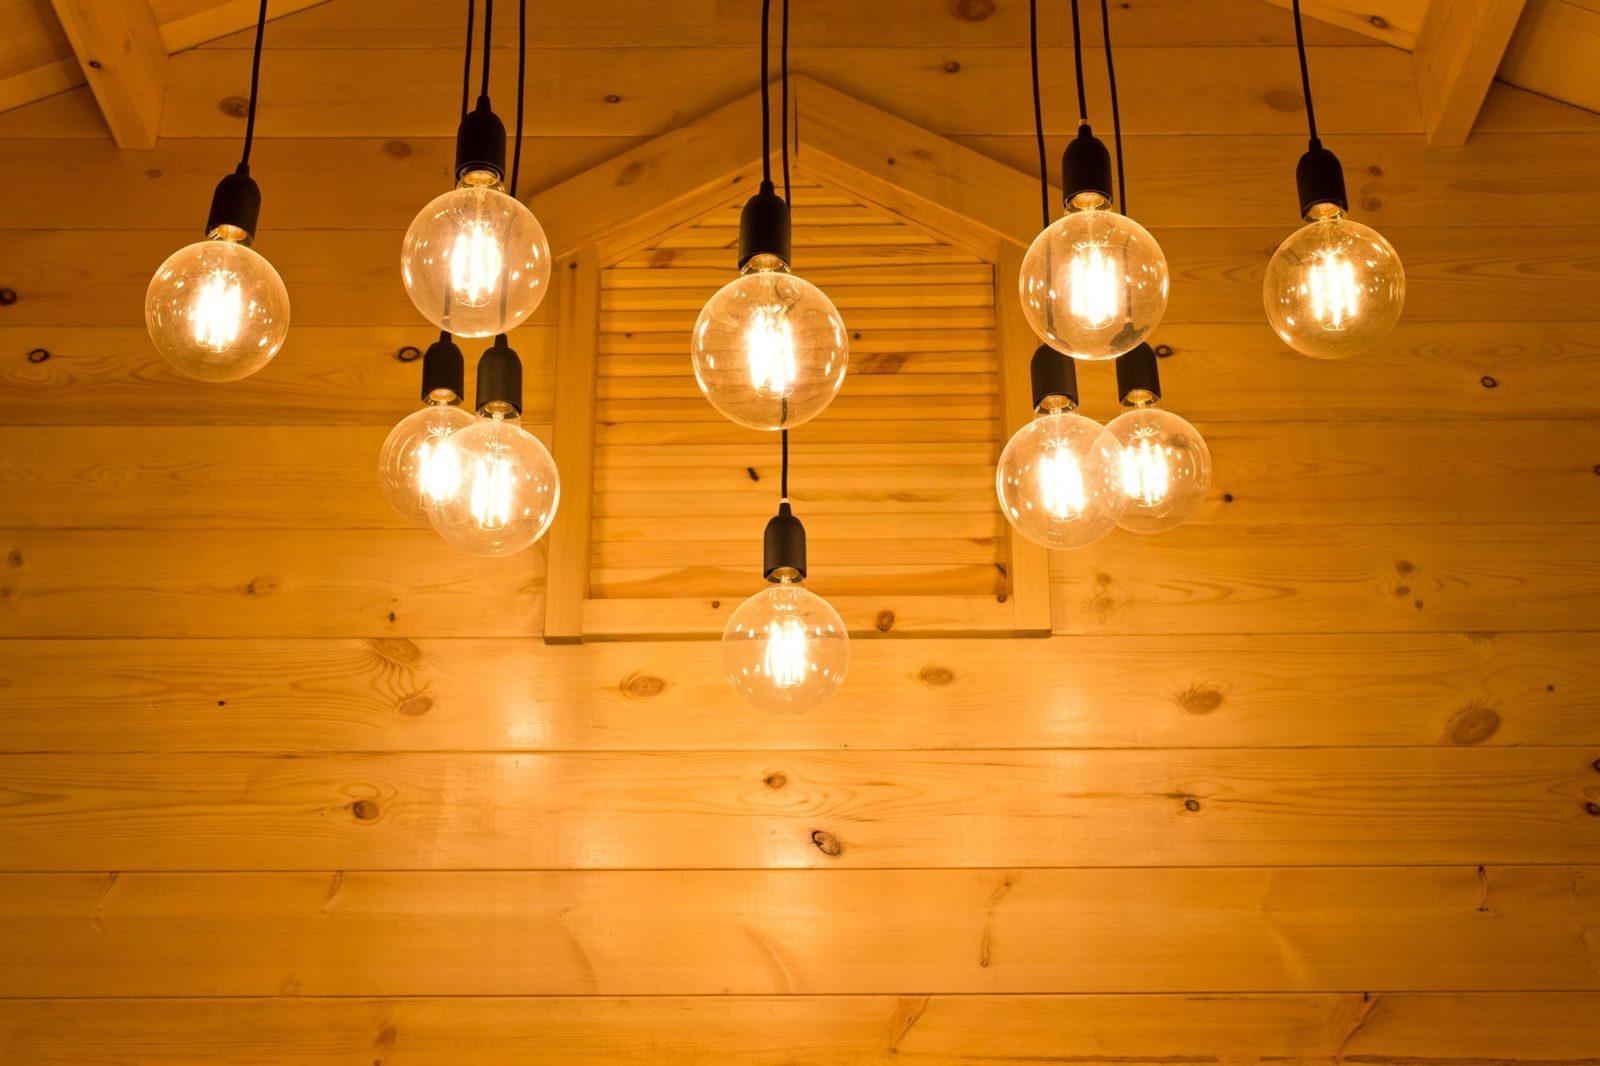 kak-mozhno-sekonomit-elektroenergiyu (9)